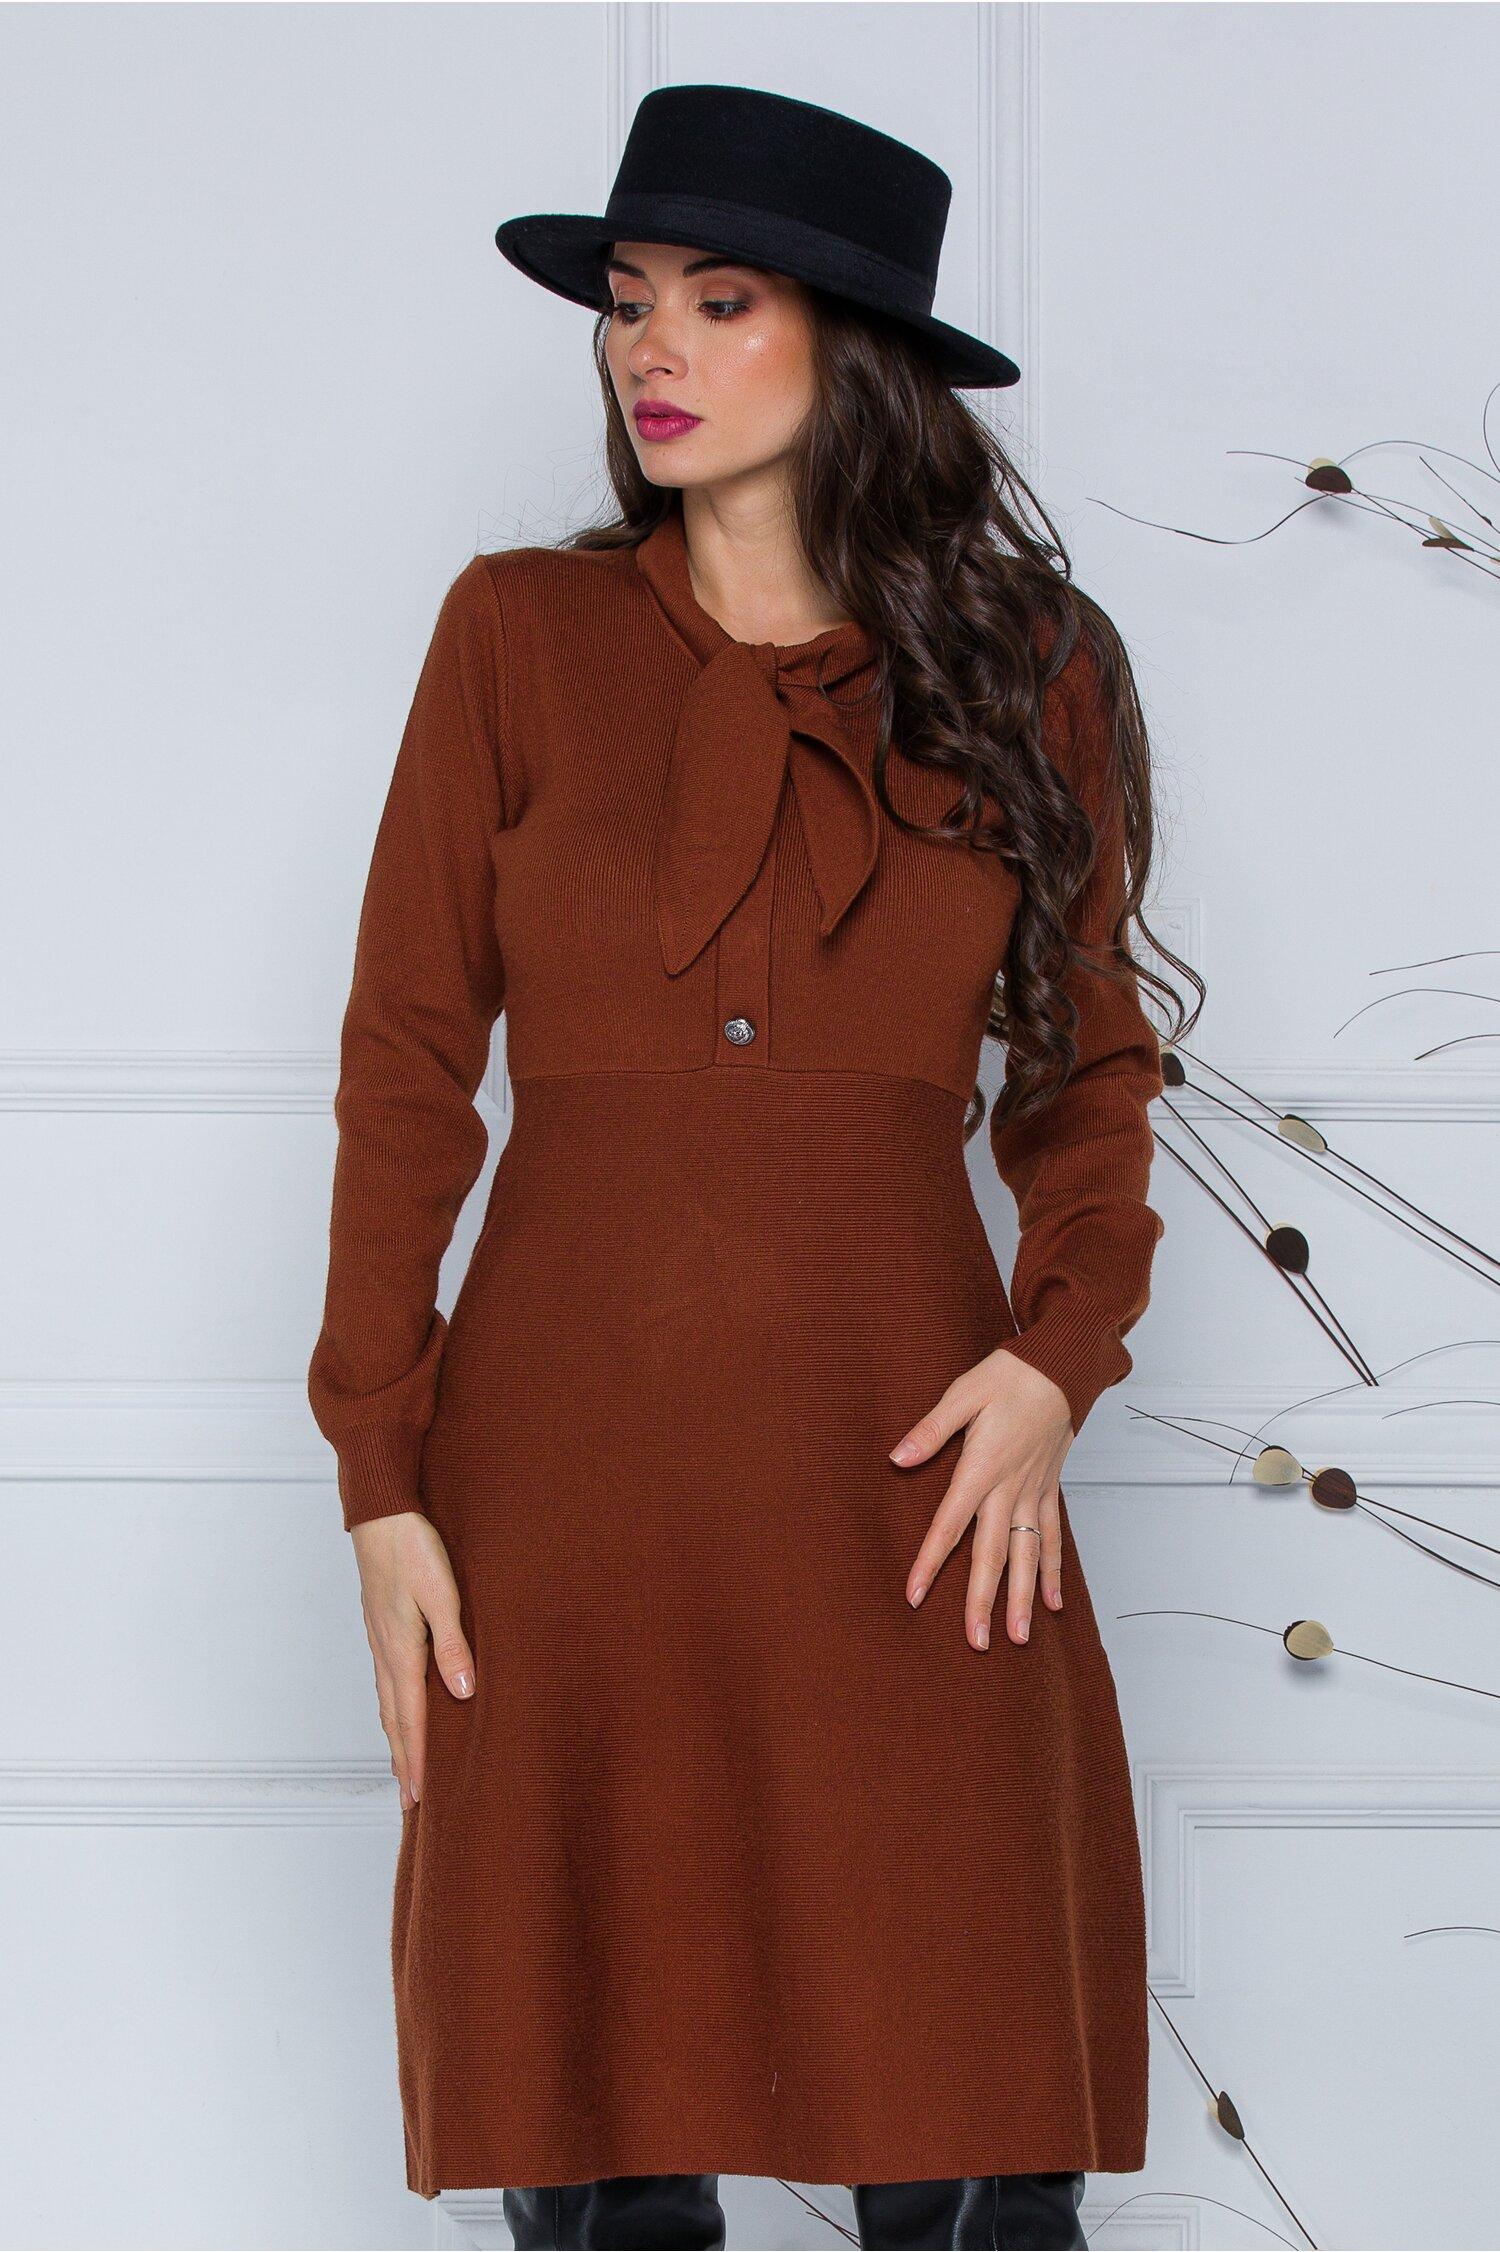 Rochie Mirabela maro brun din tricot cu funda la guler imagine